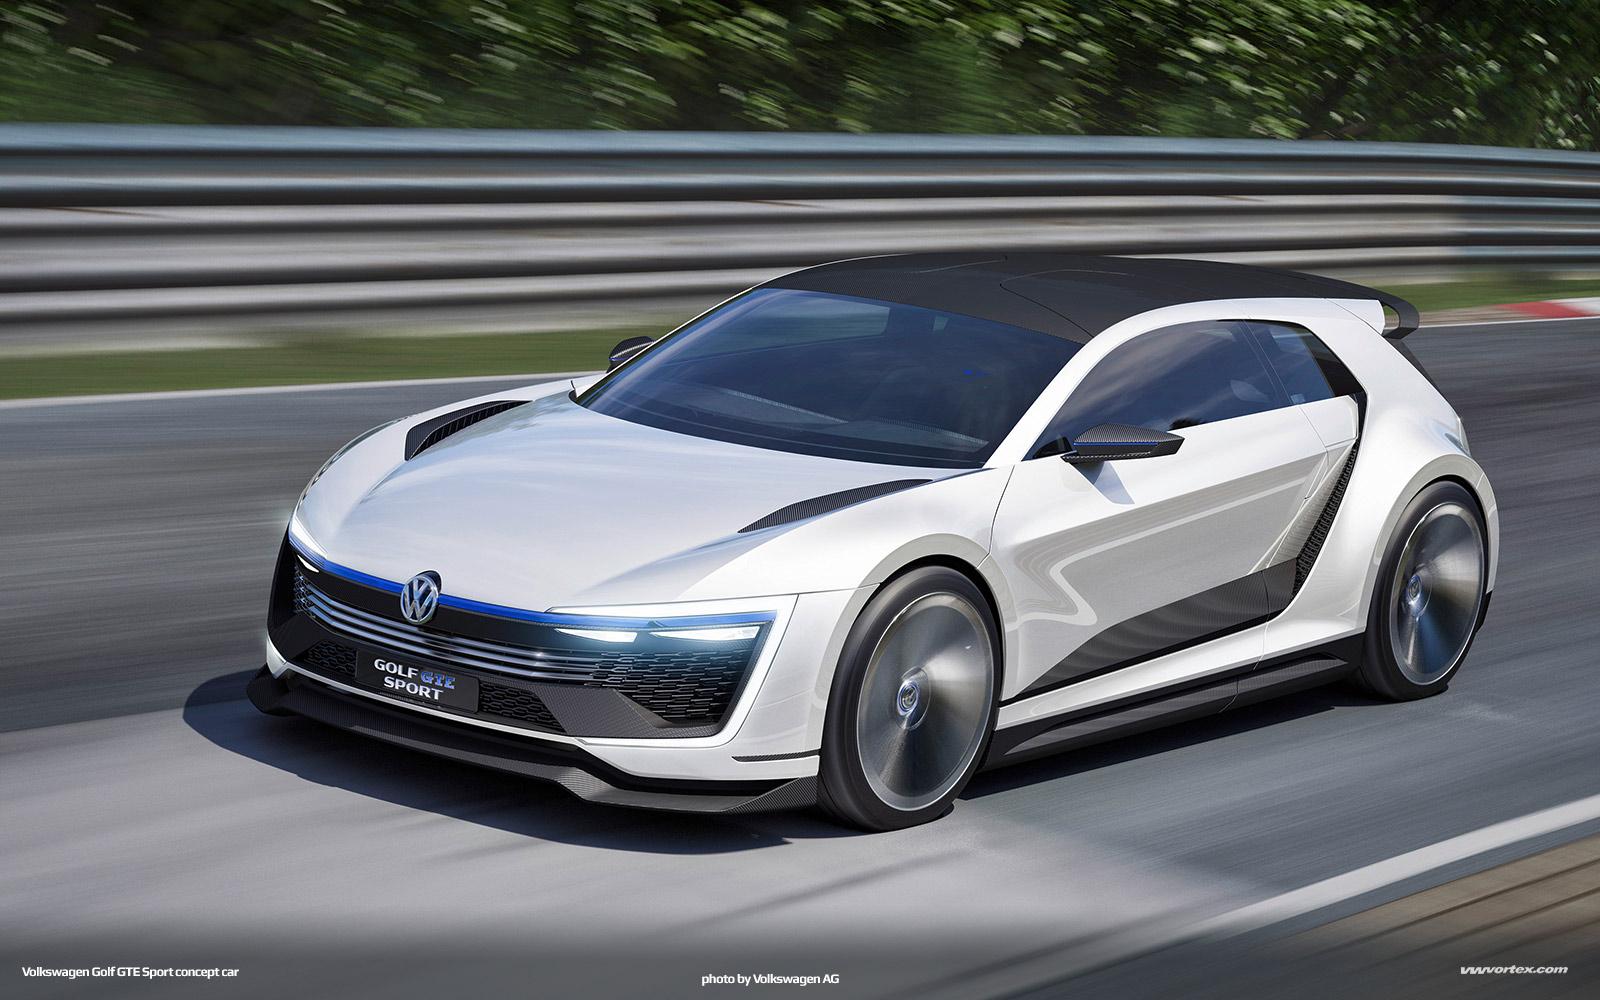 Volkswagen-Golf-GTE-Sport-concept-916